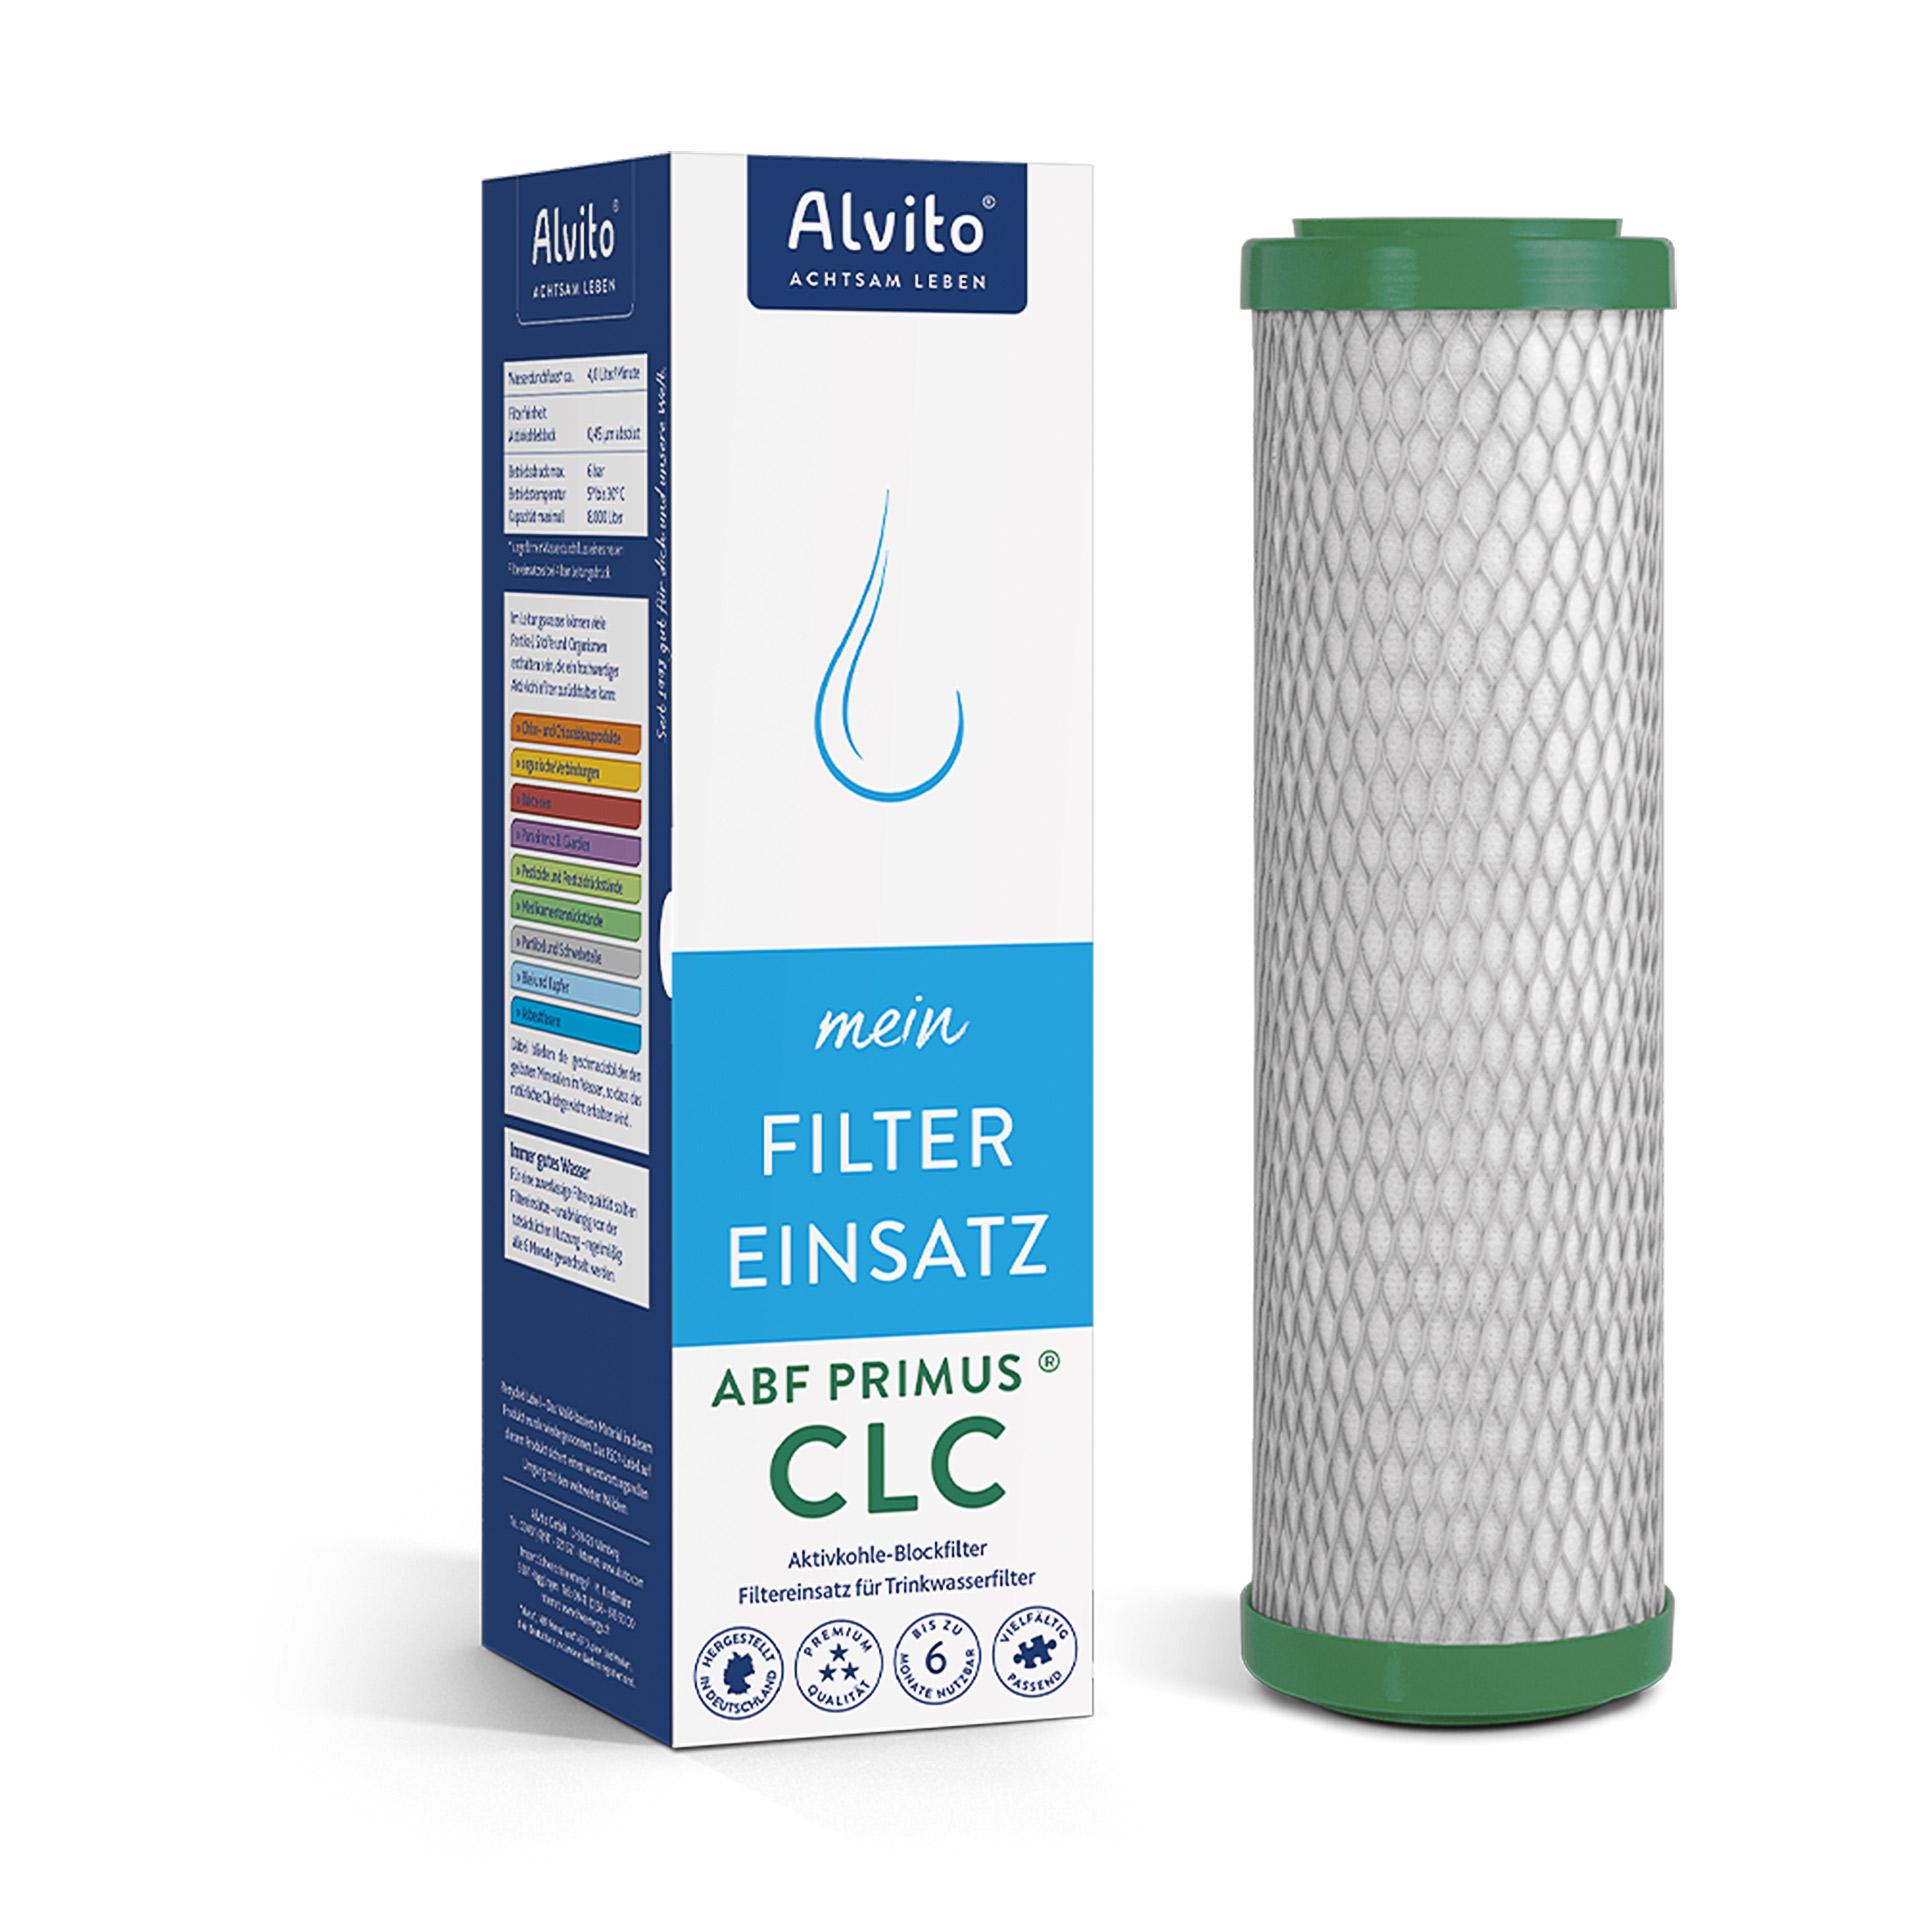 Alvito Filtereinsatz ABF Primus CLC